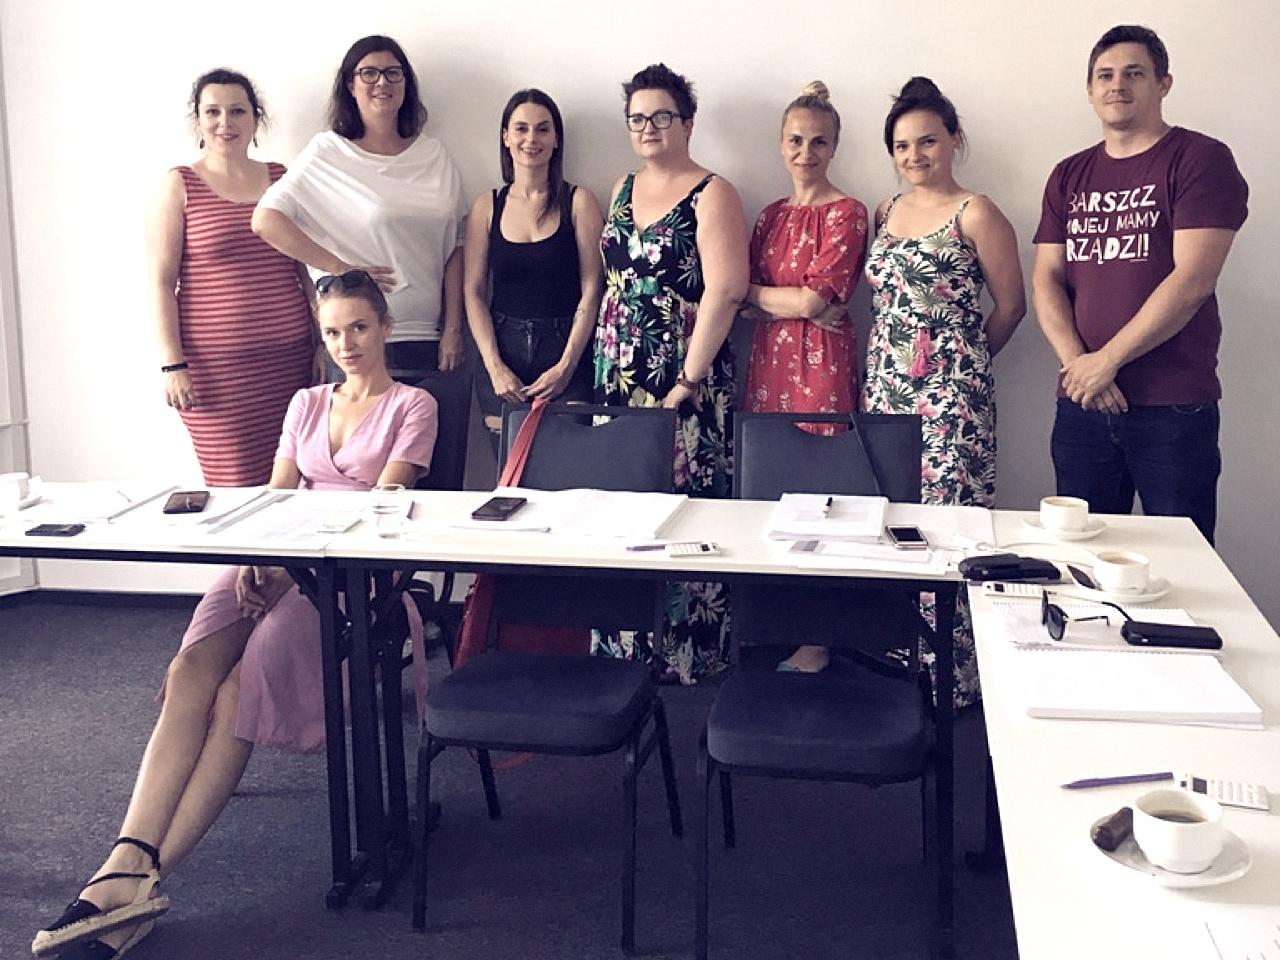 Uczestnicy praktyk, którzy tworzą scenariusz eventu